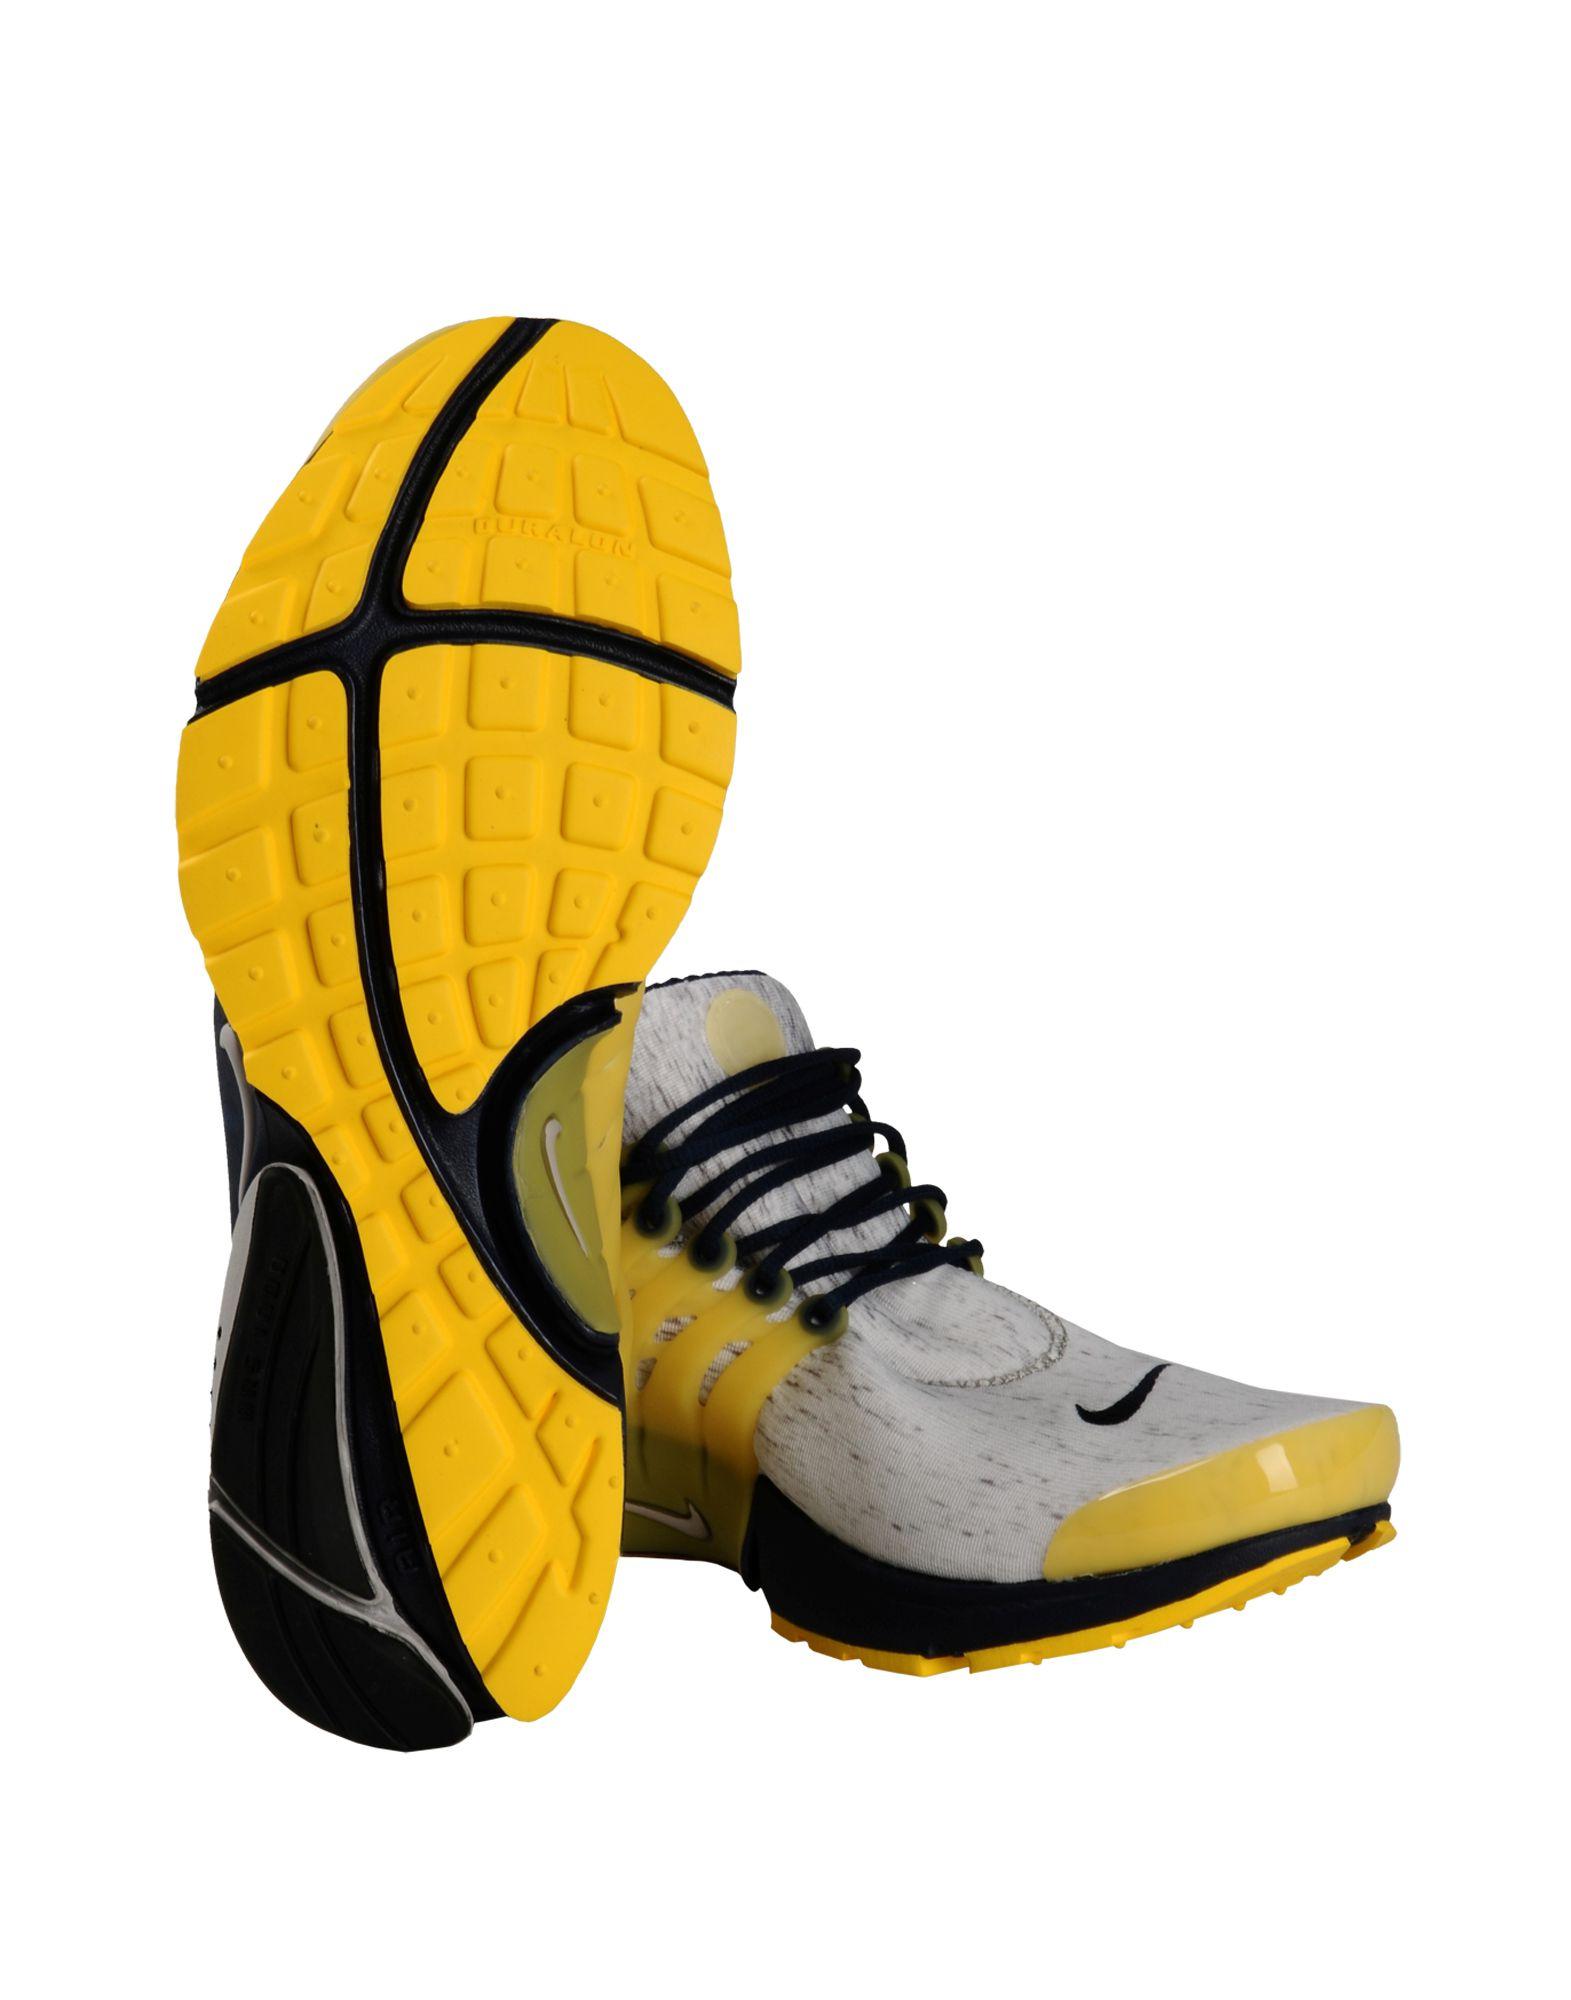 Sneakers Nike Air Presto - Homme - Sneakers Nike sur